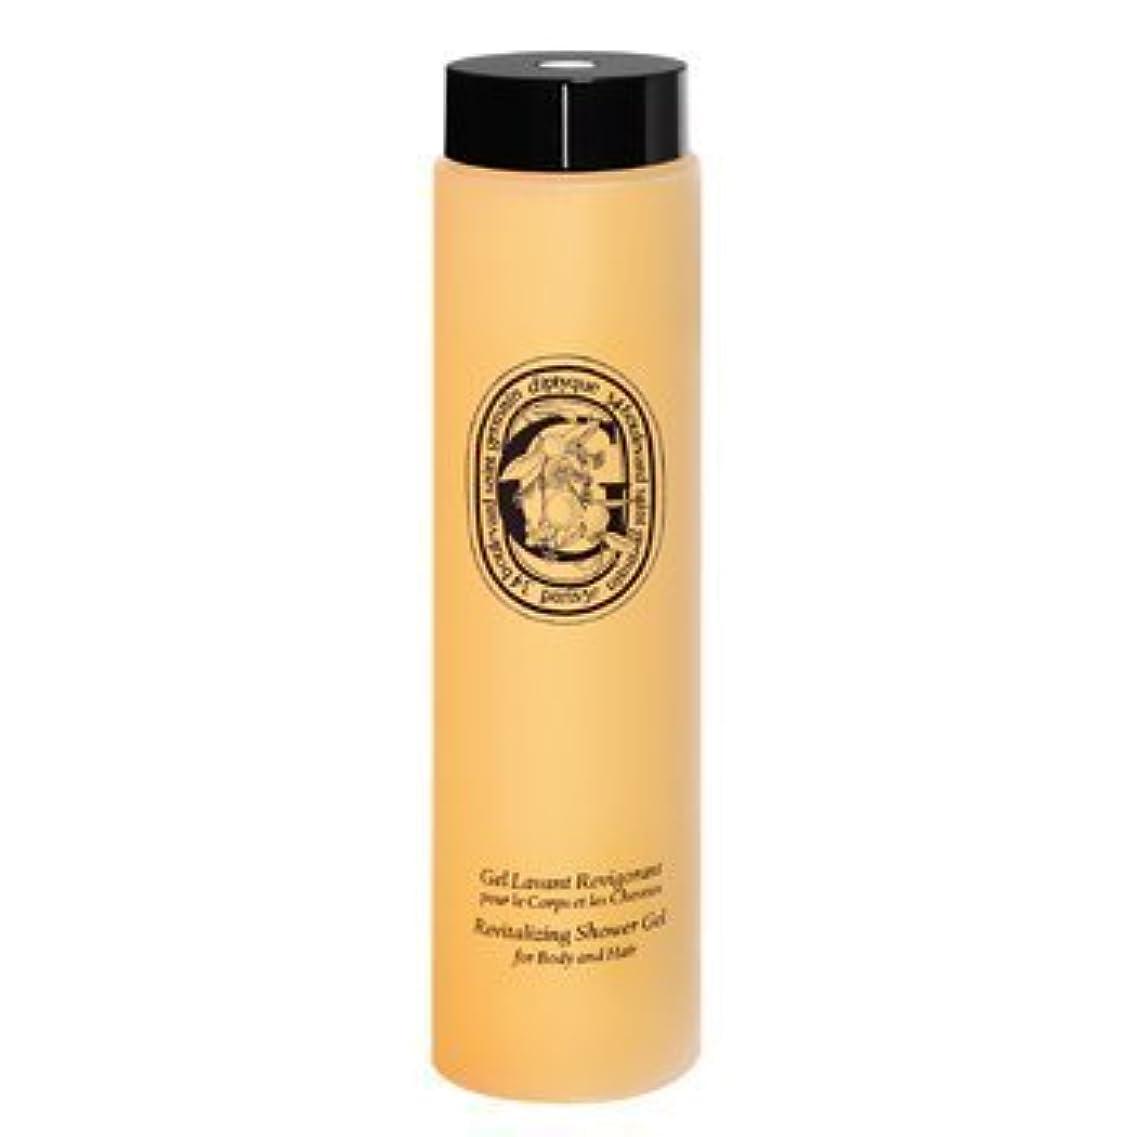 価値のないクルーズ人種Diptyque The Art of Body Care Revitalizing Shower Gel Hair & Body-6.8 oz by Diptyque [並行輸入品]